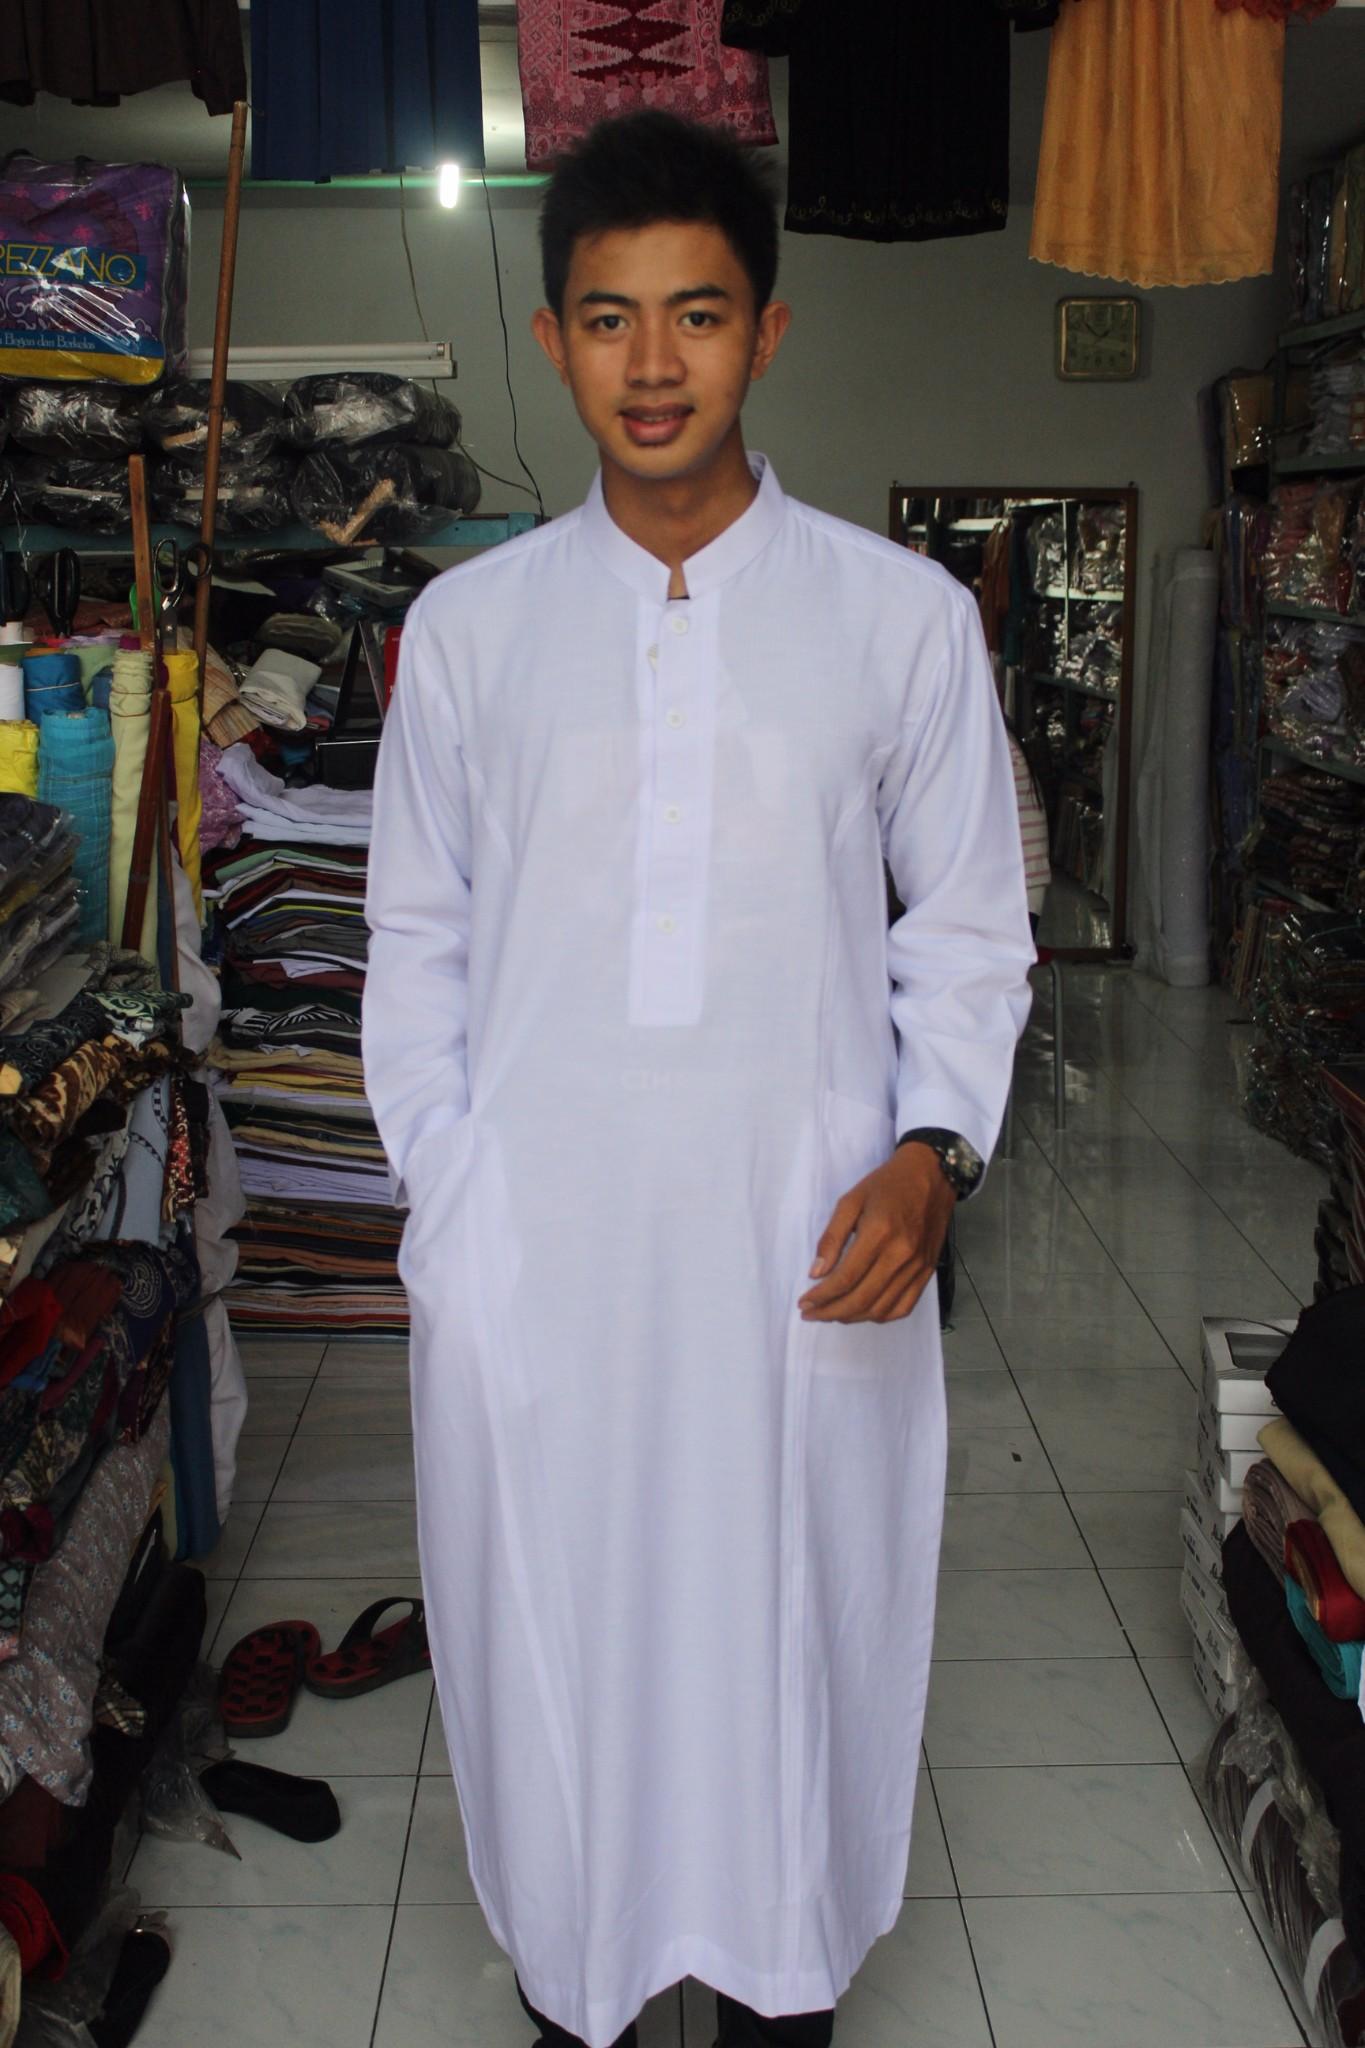 Jual gamis koko jubah busana muslim pria baju koko pria Jual baju gamis untuk pria